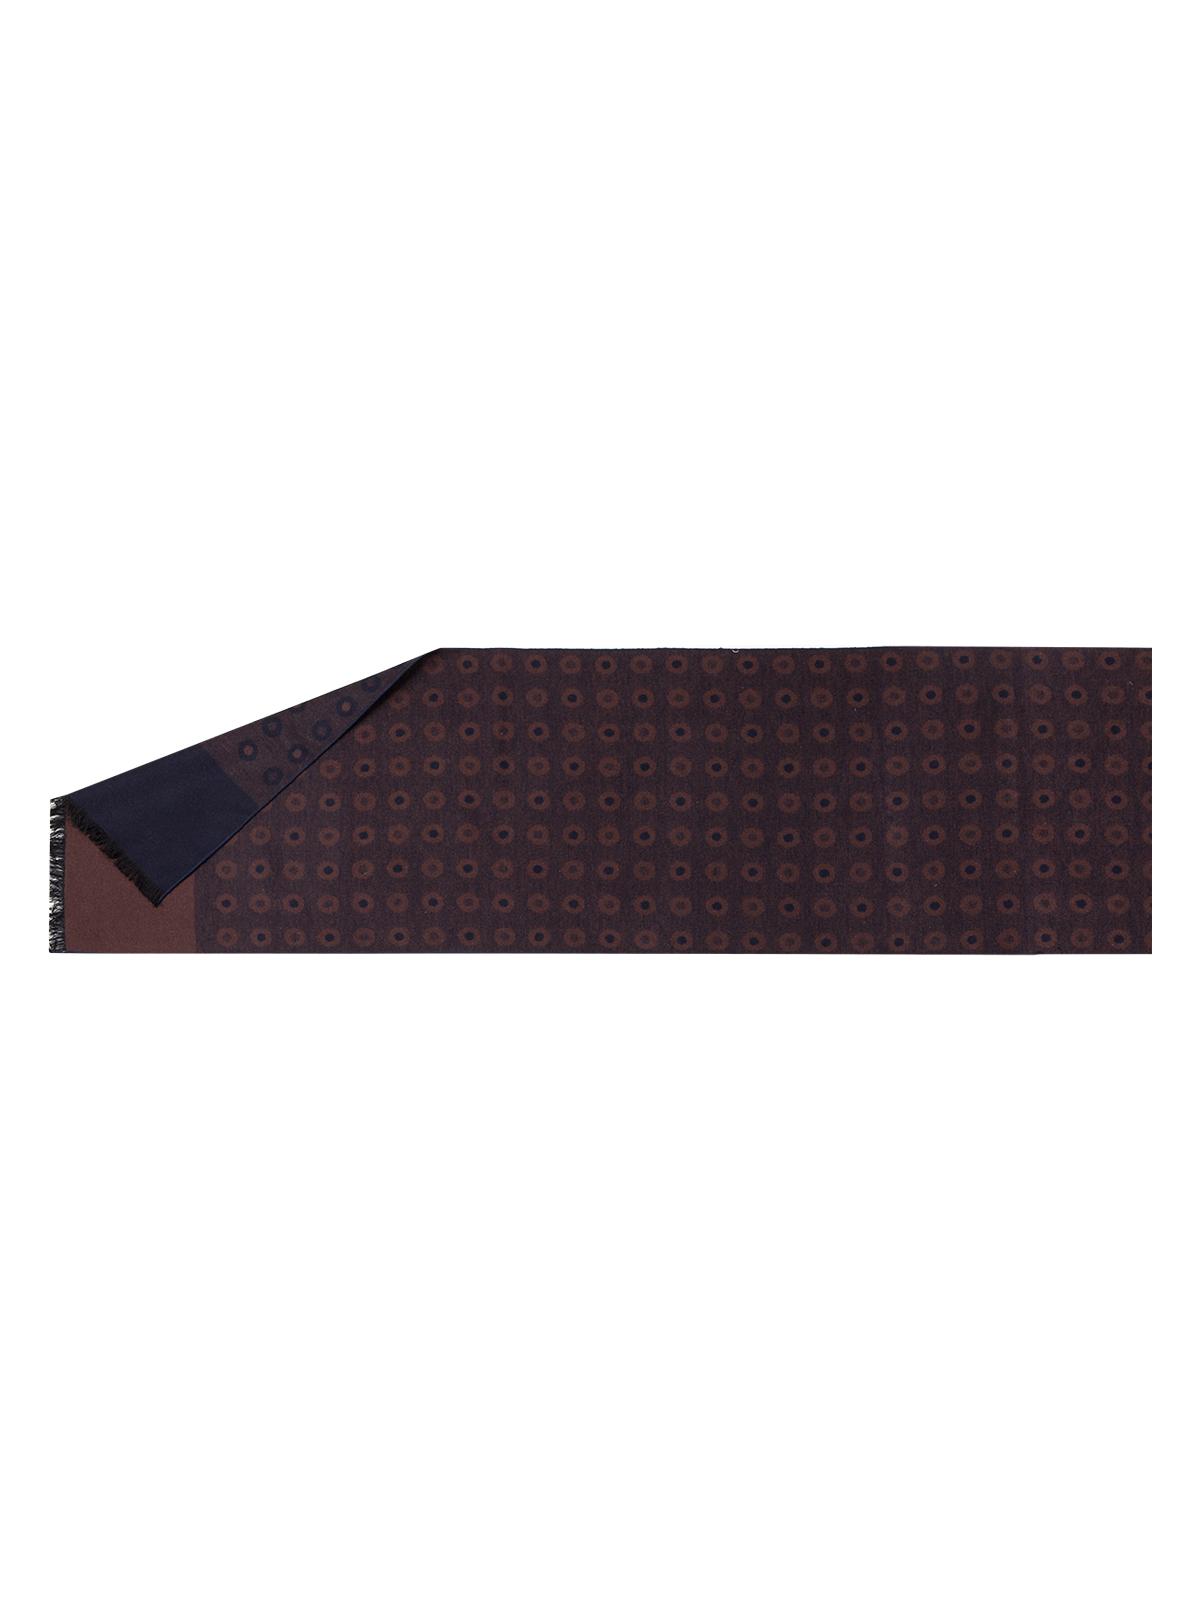 ШарфJG43-7610Элегантный мужской шарф Eleganzza согреет вас в холодное время года, а также станет изысканным аксессуаром. Оригинальный и стильный шарф выполнен из сочетания высококачественных материалов шерсти и шелка, оформлен контрастным принтом и украшен жгутиками бахромой по краям.